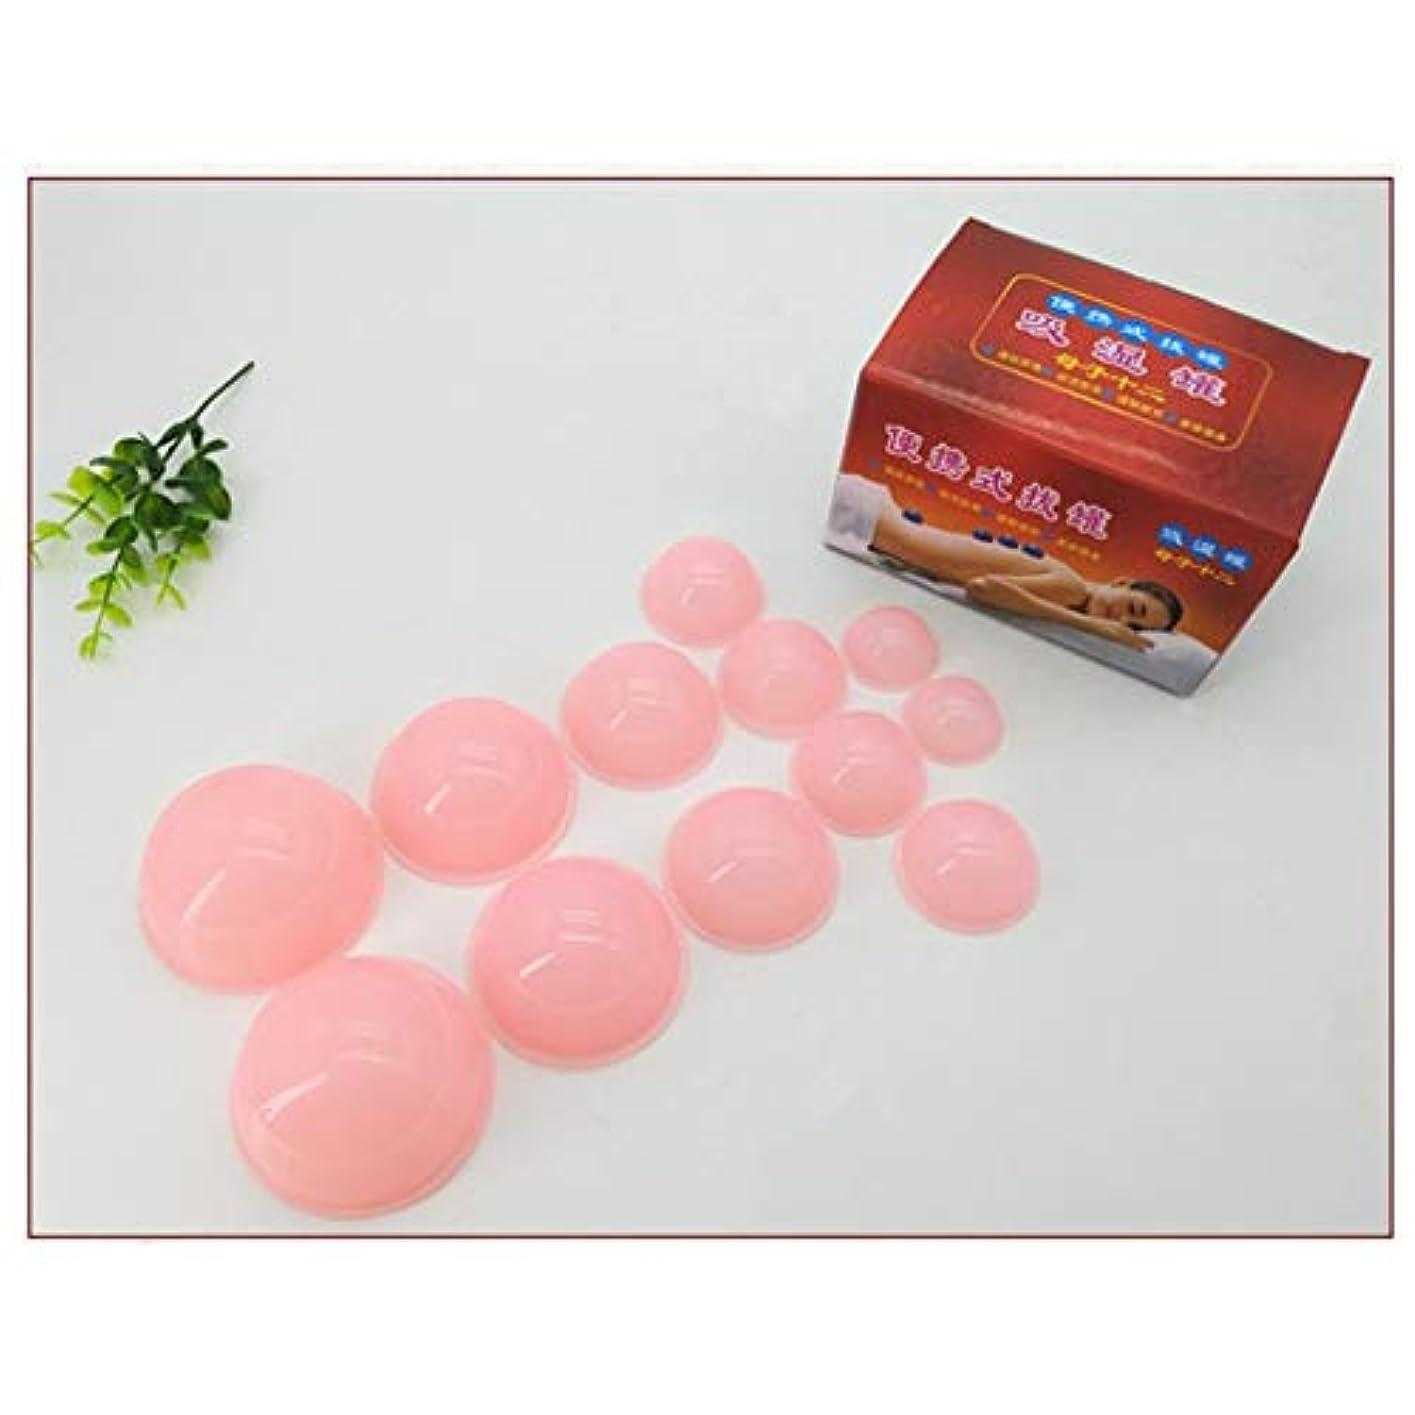 不変床効果的にアンチセルライトカップ - 真空マッサージキット - シリコーン療法カッピングセット用ボディフェイスホームスパヘルスケア12ピース,Pink